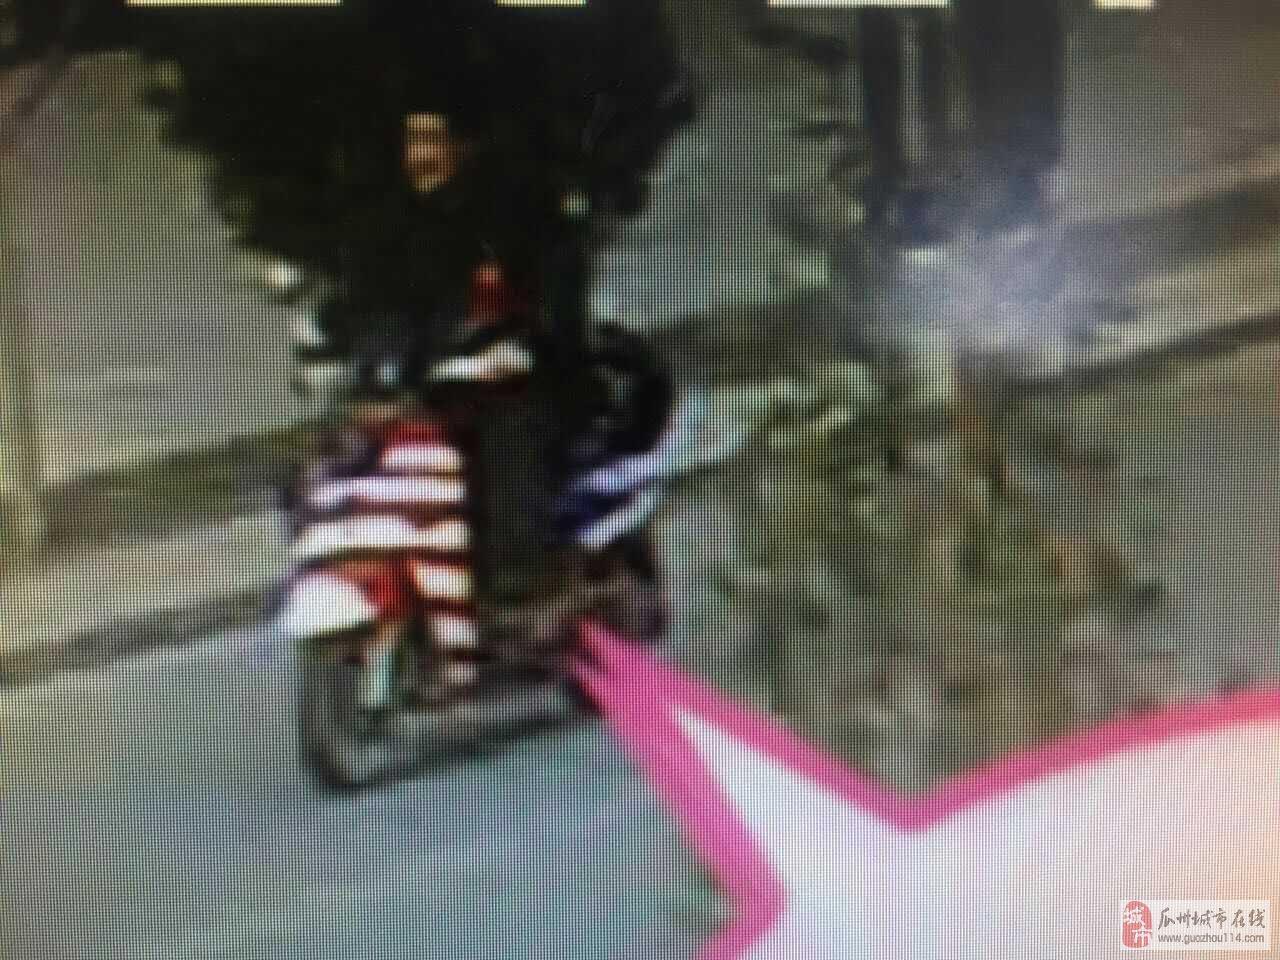 寻车启示,请瓜州各位网友仔细看一下照片里的电动车,该车涉嫌一起交通事故